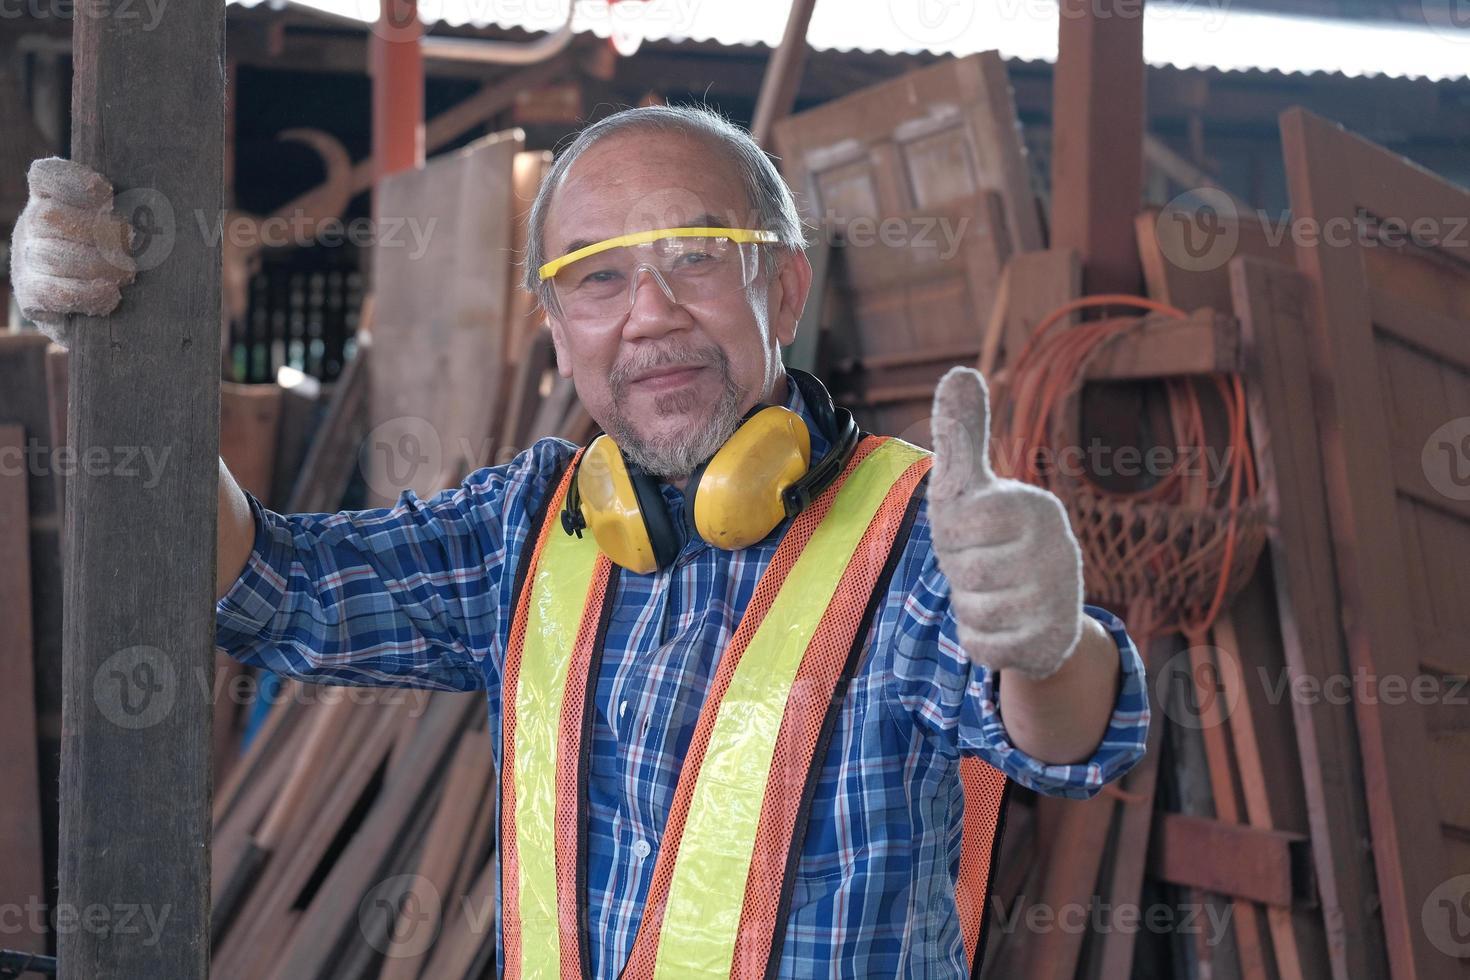 Carpintero masculino senior trabajando y pulgar hacia arriba en la fábrica de aserraderos de madera. foto